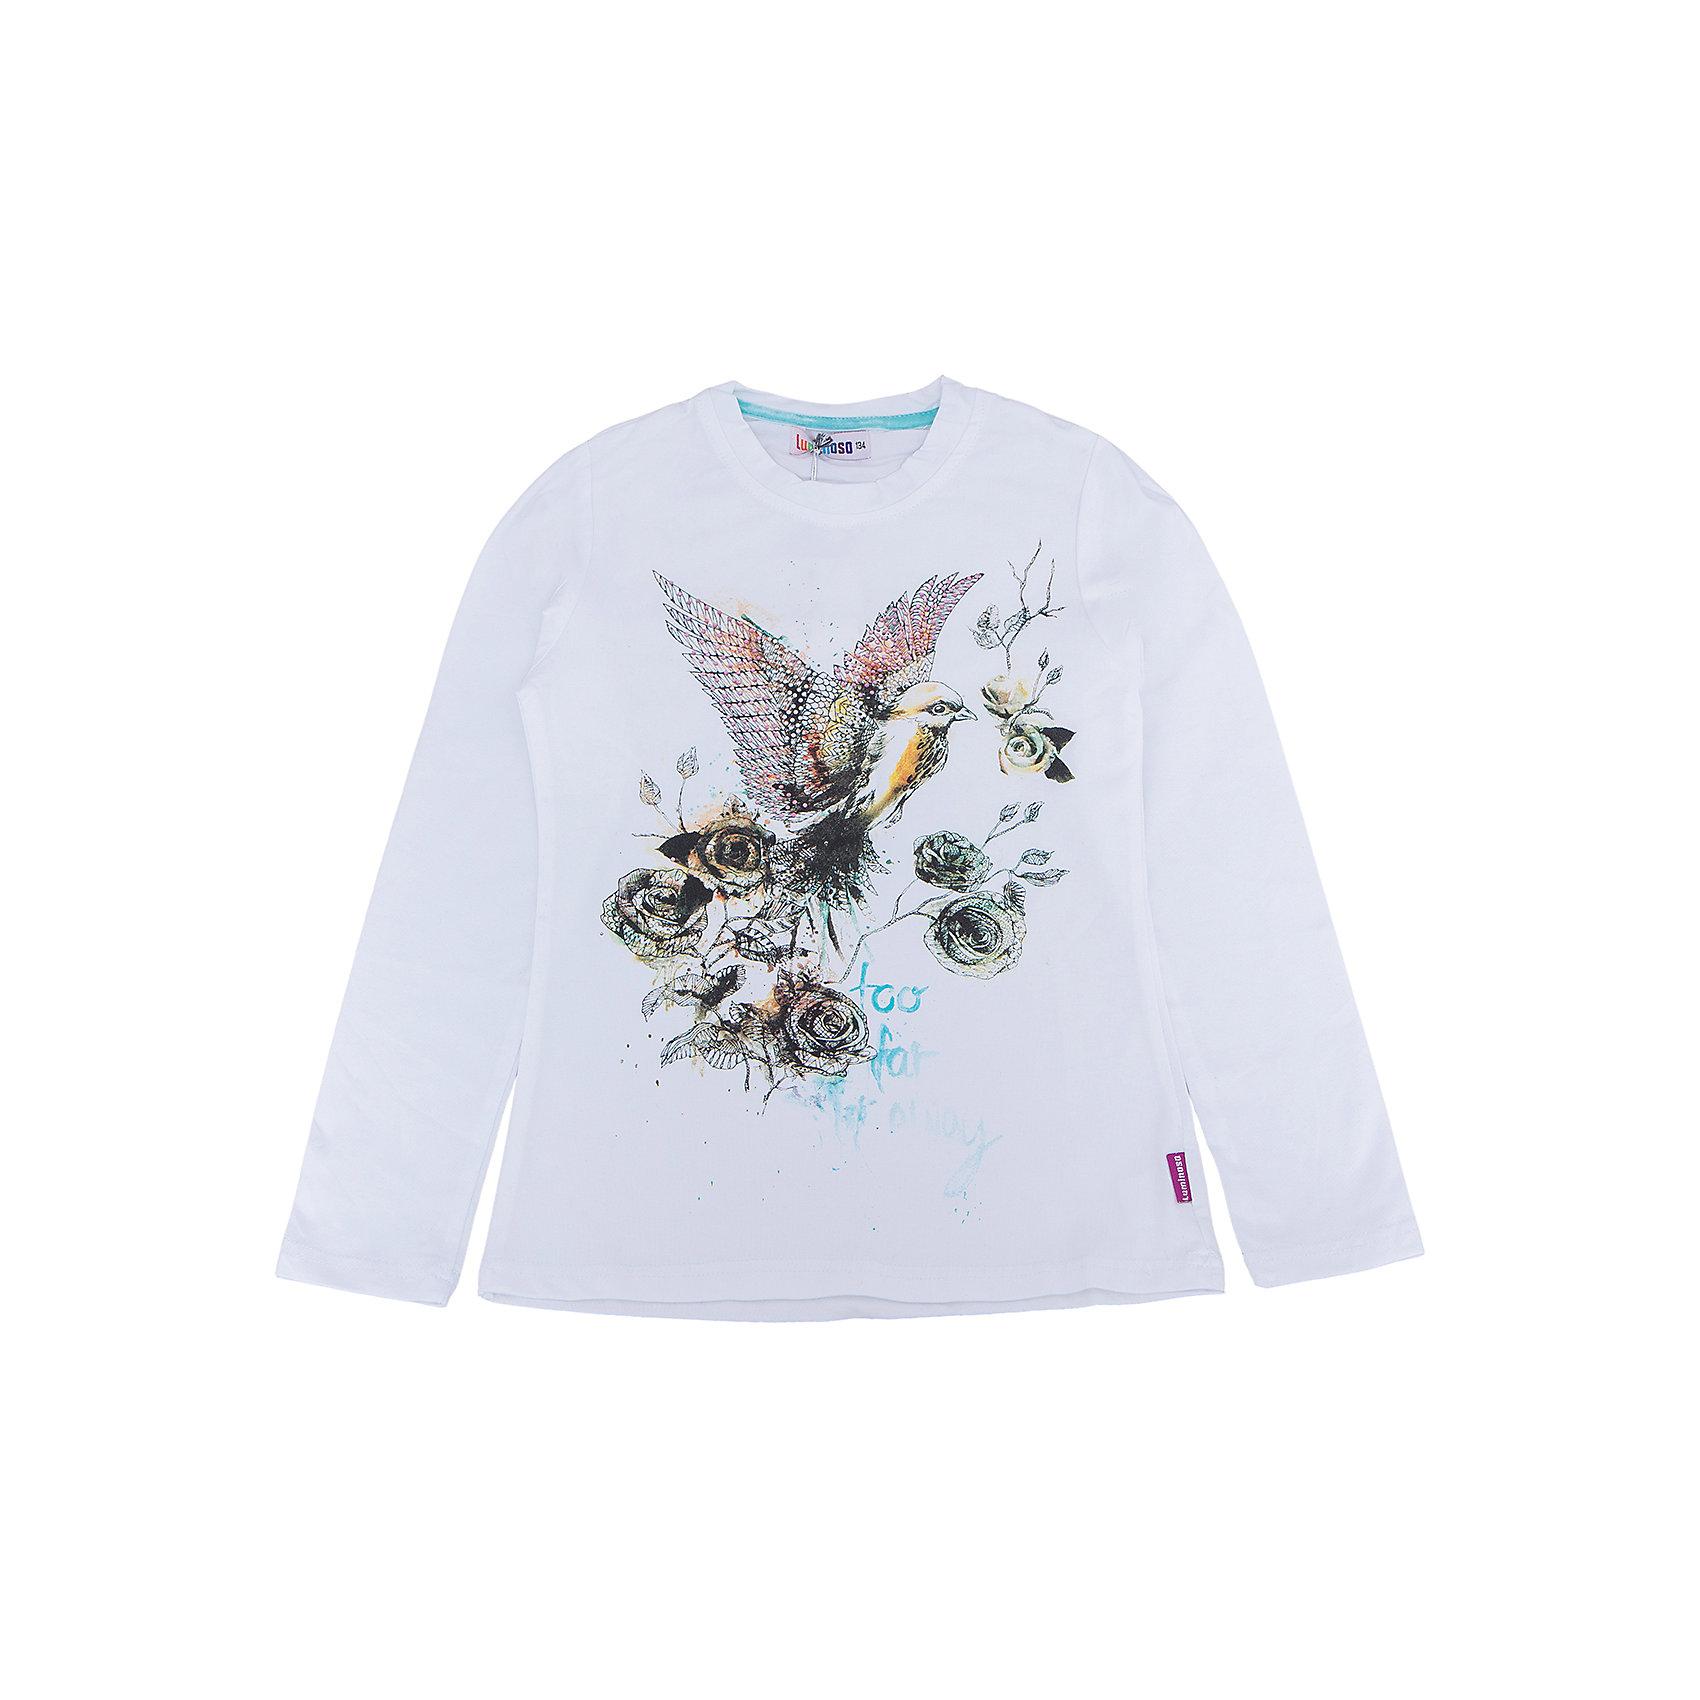 Футболка с длинным рукавом для девочки LuminosoХарактеристики товара:<br><br>- цвет: белый;<br>- материал: 95% хлопок, 5% эластан;<br>- декорирована принтом;<br>- длинный рукав;<br>- округлый горловой вырез.<br><br>Стильная одежда от бренда Luminoso (Люминосо), созданная при участии итальянских дизайнеров, учитывает потребности подростков и последние веяния моды. Она удобная и модная.<br>Эта футболка с длинным рукавом выглядит стильно и нарядно, но при этом подходит для ежедневного ношения. Он хорошо сидит на ребенке, обеспечивает комфорт и отлично сочетается с одежной разных стилей. Модель отличается высоким качеством материала и продуманным дизайном. Натуральный хлопок в составе изделия делает его дышащим, приятным на ощупь и гипоаллергеным.<br><br>Футболку с длинным рукавом для девочки от бренда Luminoso (Люминосо) можно купить в нашем интернет-магазине.<br><br>Ширина мм: 230<br>Глубина мм: 40<br>Высота мм: 220<br>Вес г: 250<br>Цвет: белый<br>Возраст от месяцев: 156<br>Возраст до месяцев: 168<br>Пол: Женский<br>Возраст: Детский<br>Размер: 146,140,164,134,158,152<br>SKU: 4929514